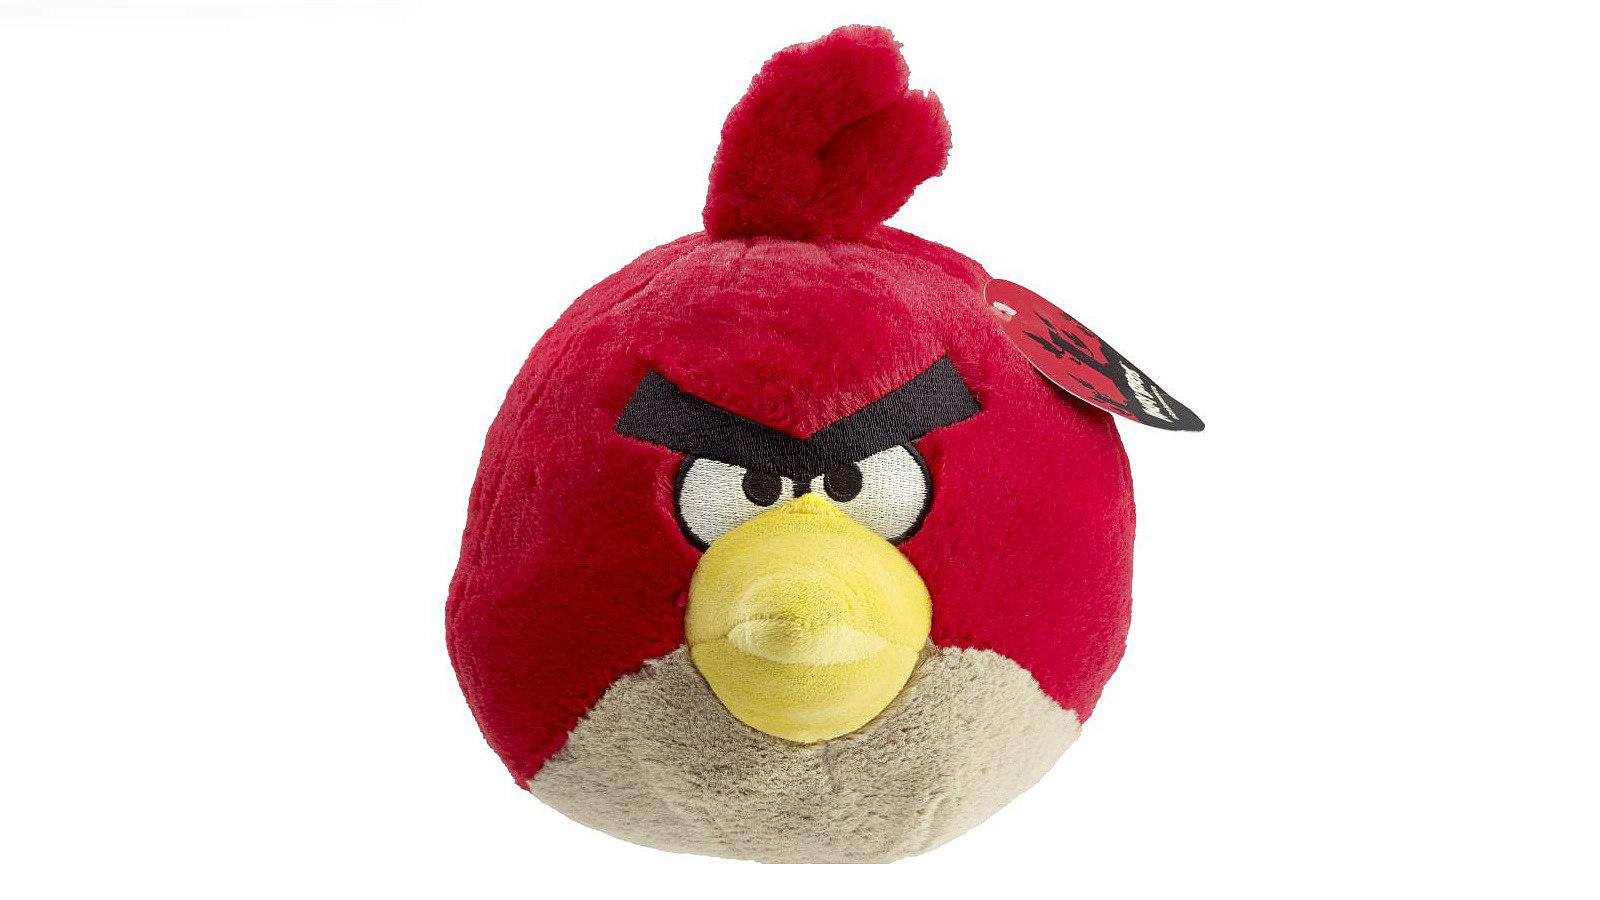 Stuffed animal: Angry Bird, 2014